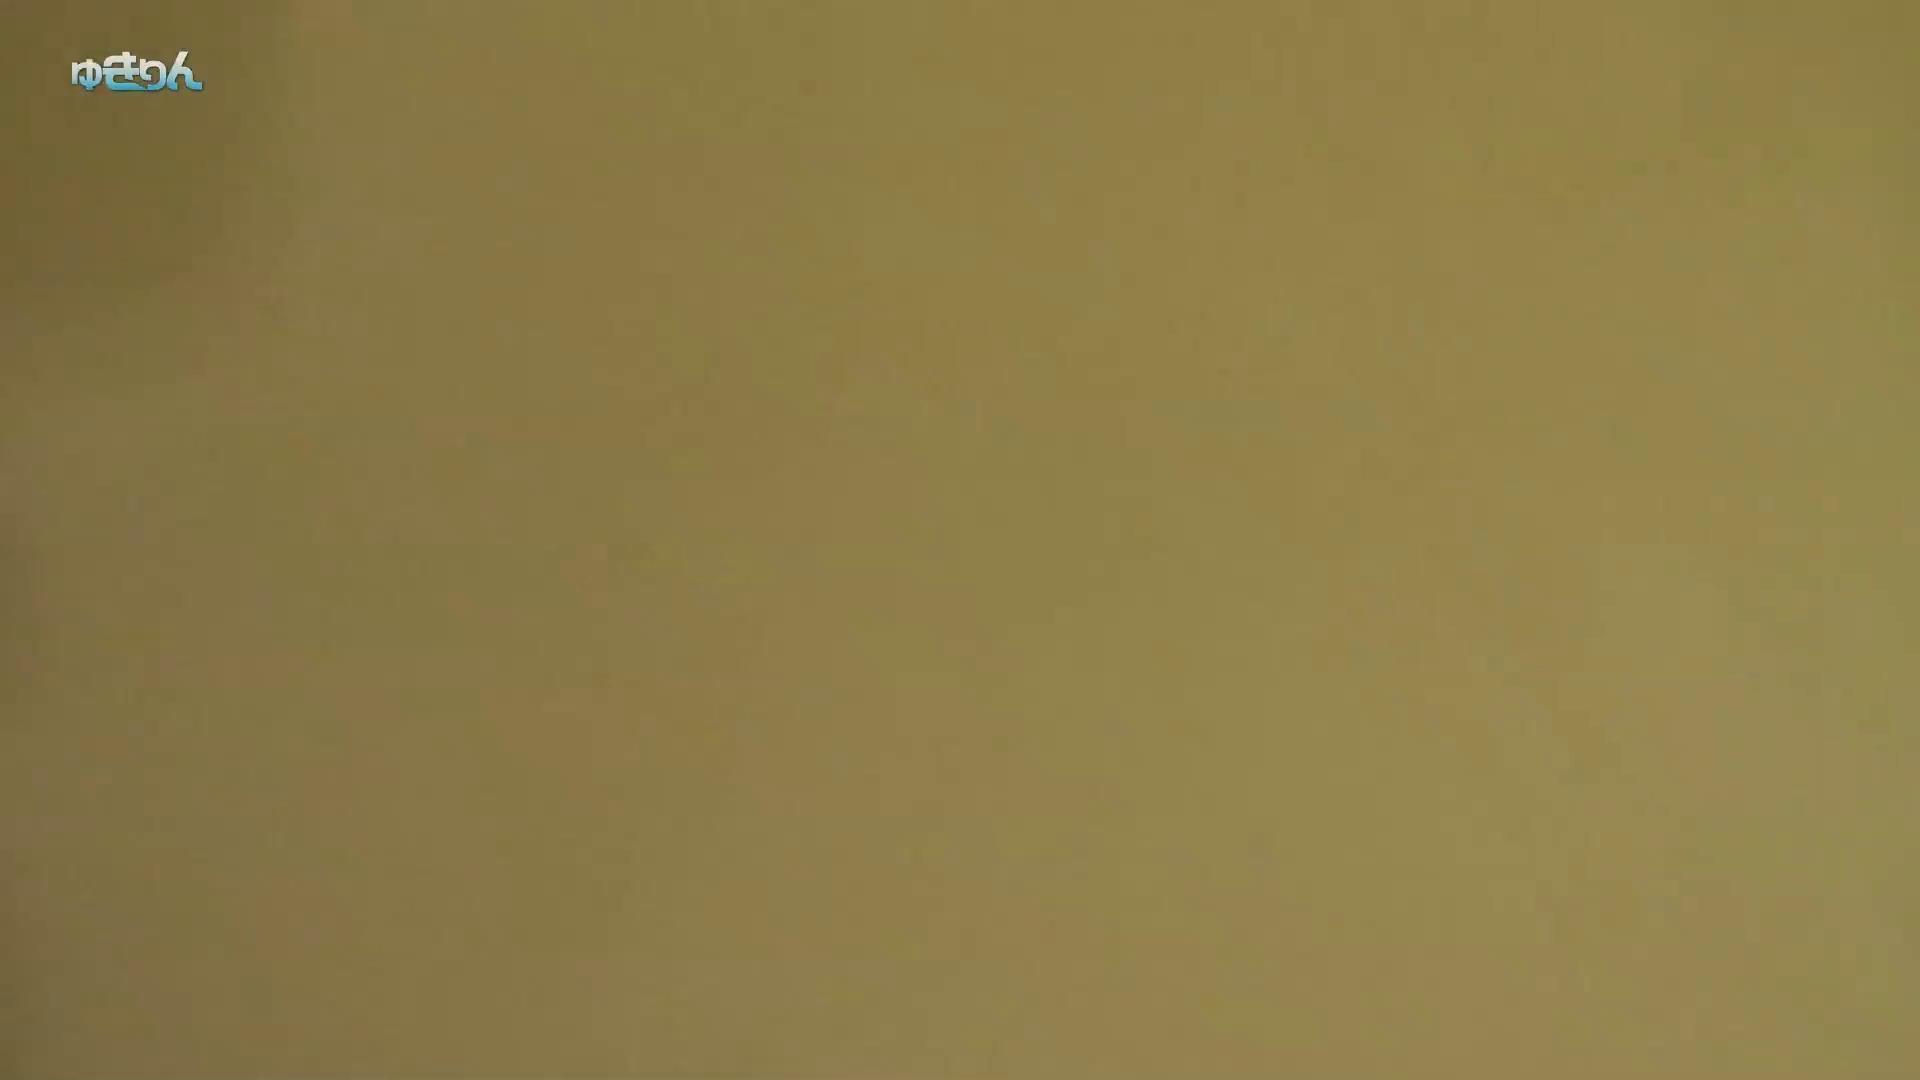 新世界の射窓 No81 制月反さん登場!! ギャル達 AV動画キャプチャ 89枚 26